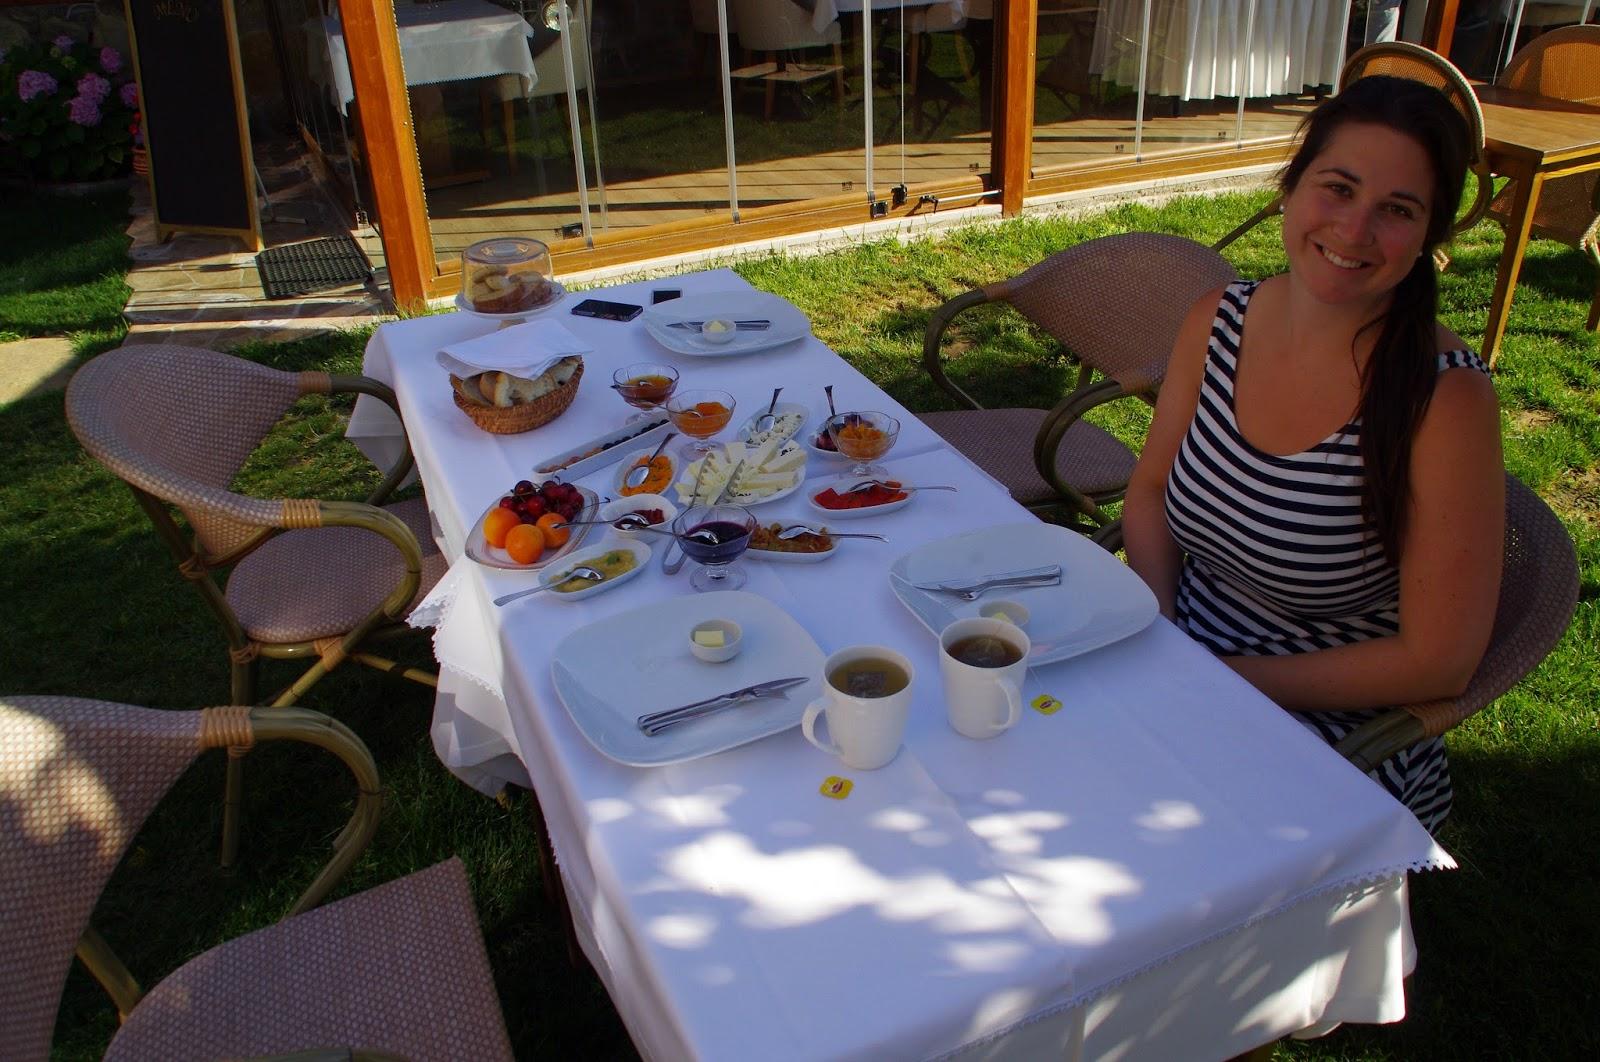 Casa Villa Hotel Eceabat Girl at Breakfast